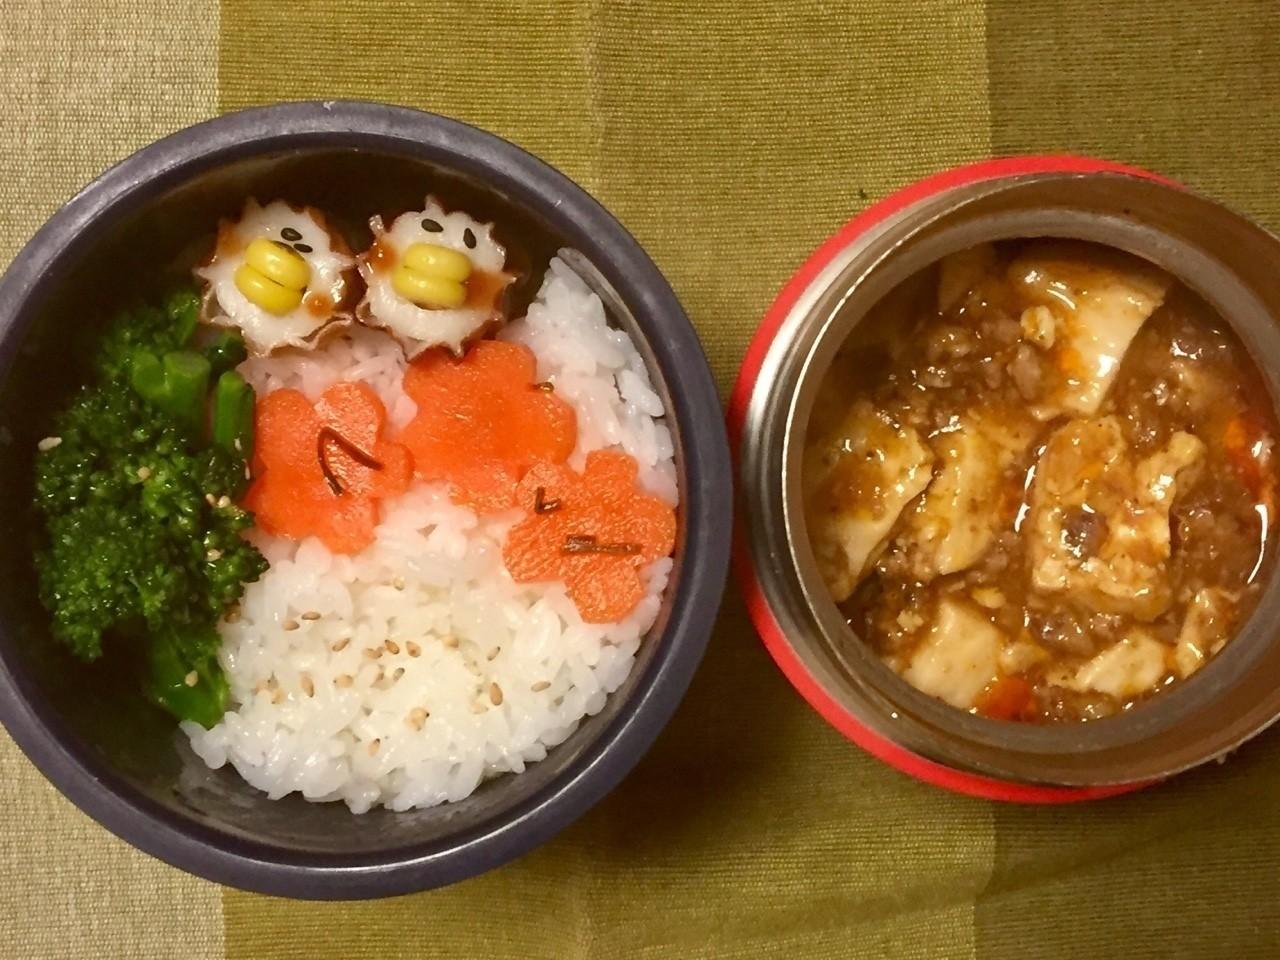 リクエストにより麻婆豆腐のお弁当。ちくわ鳥、スティックブロッコリーのナムル、人参の浅漬け。